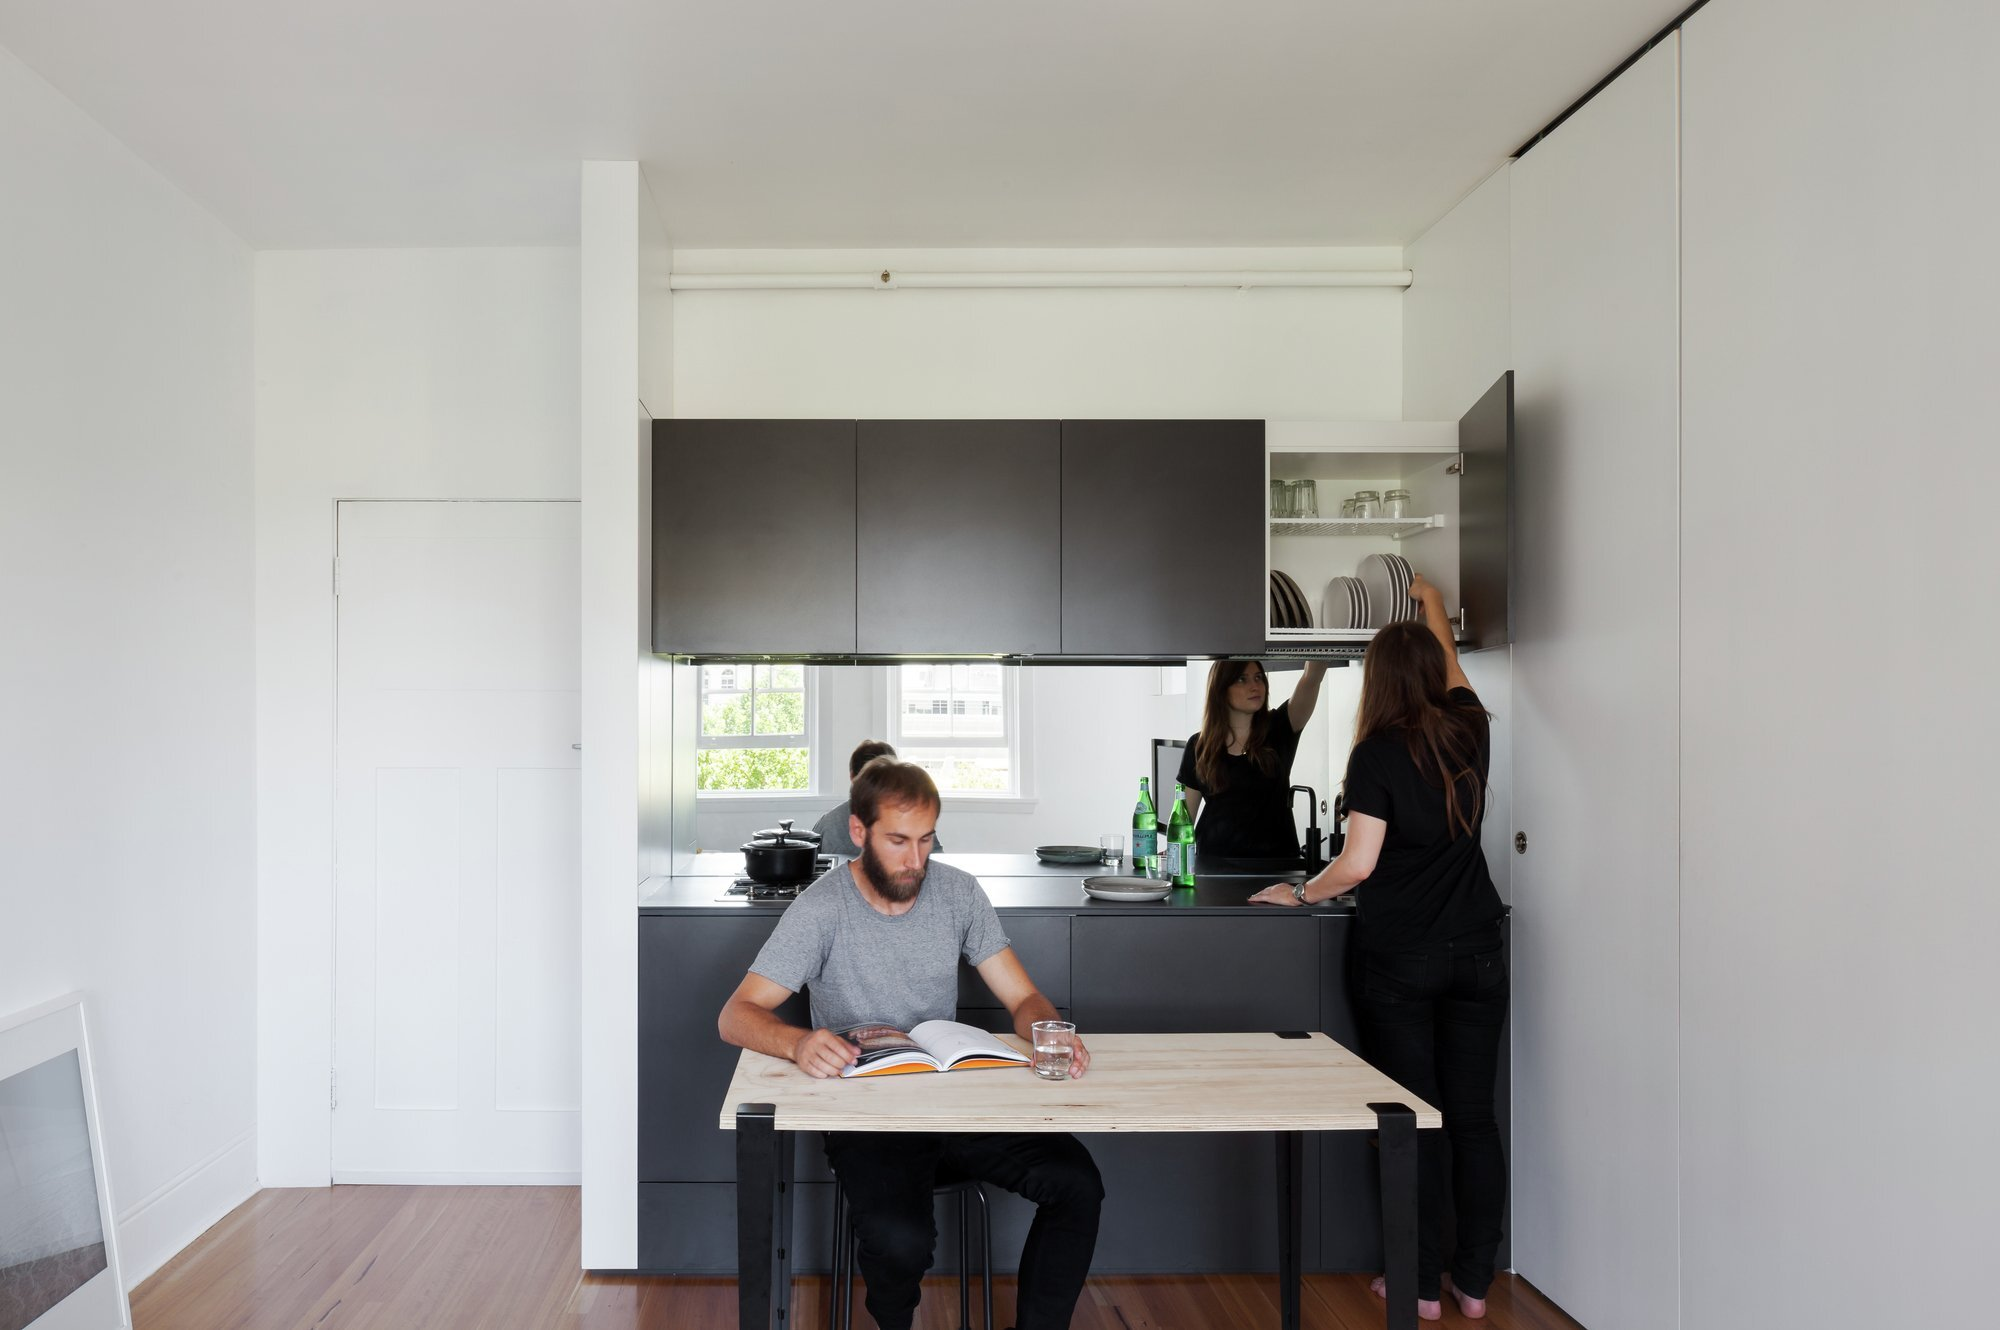 Darlinghurst Apartment - Brad Swartz Architect - Australia - Kitchen - Humble Homes